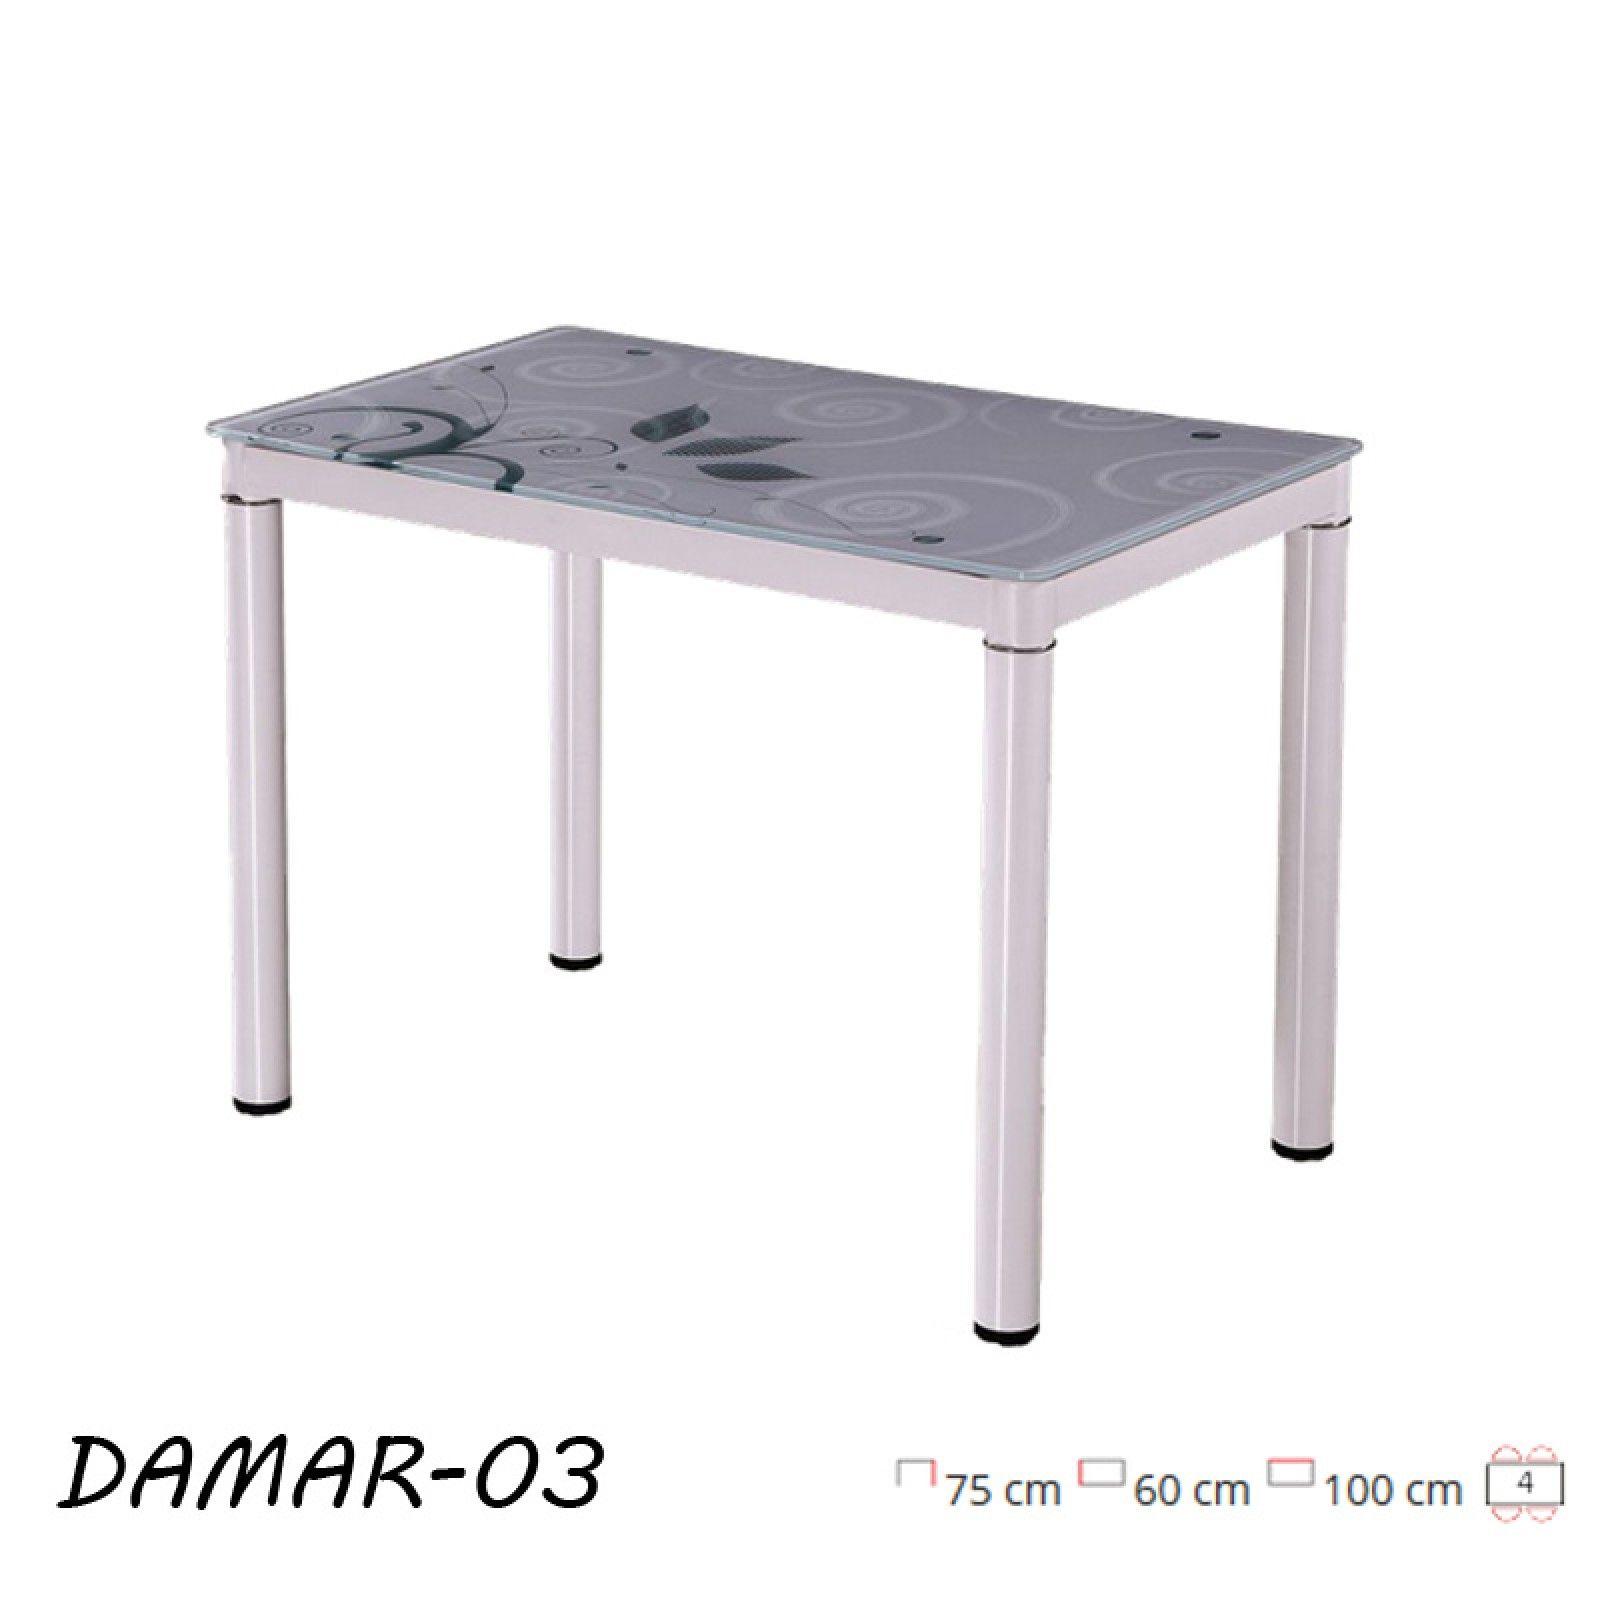 Damar modern, edzett üveg étkezőasztal, festett fém vázzal, fehér ...